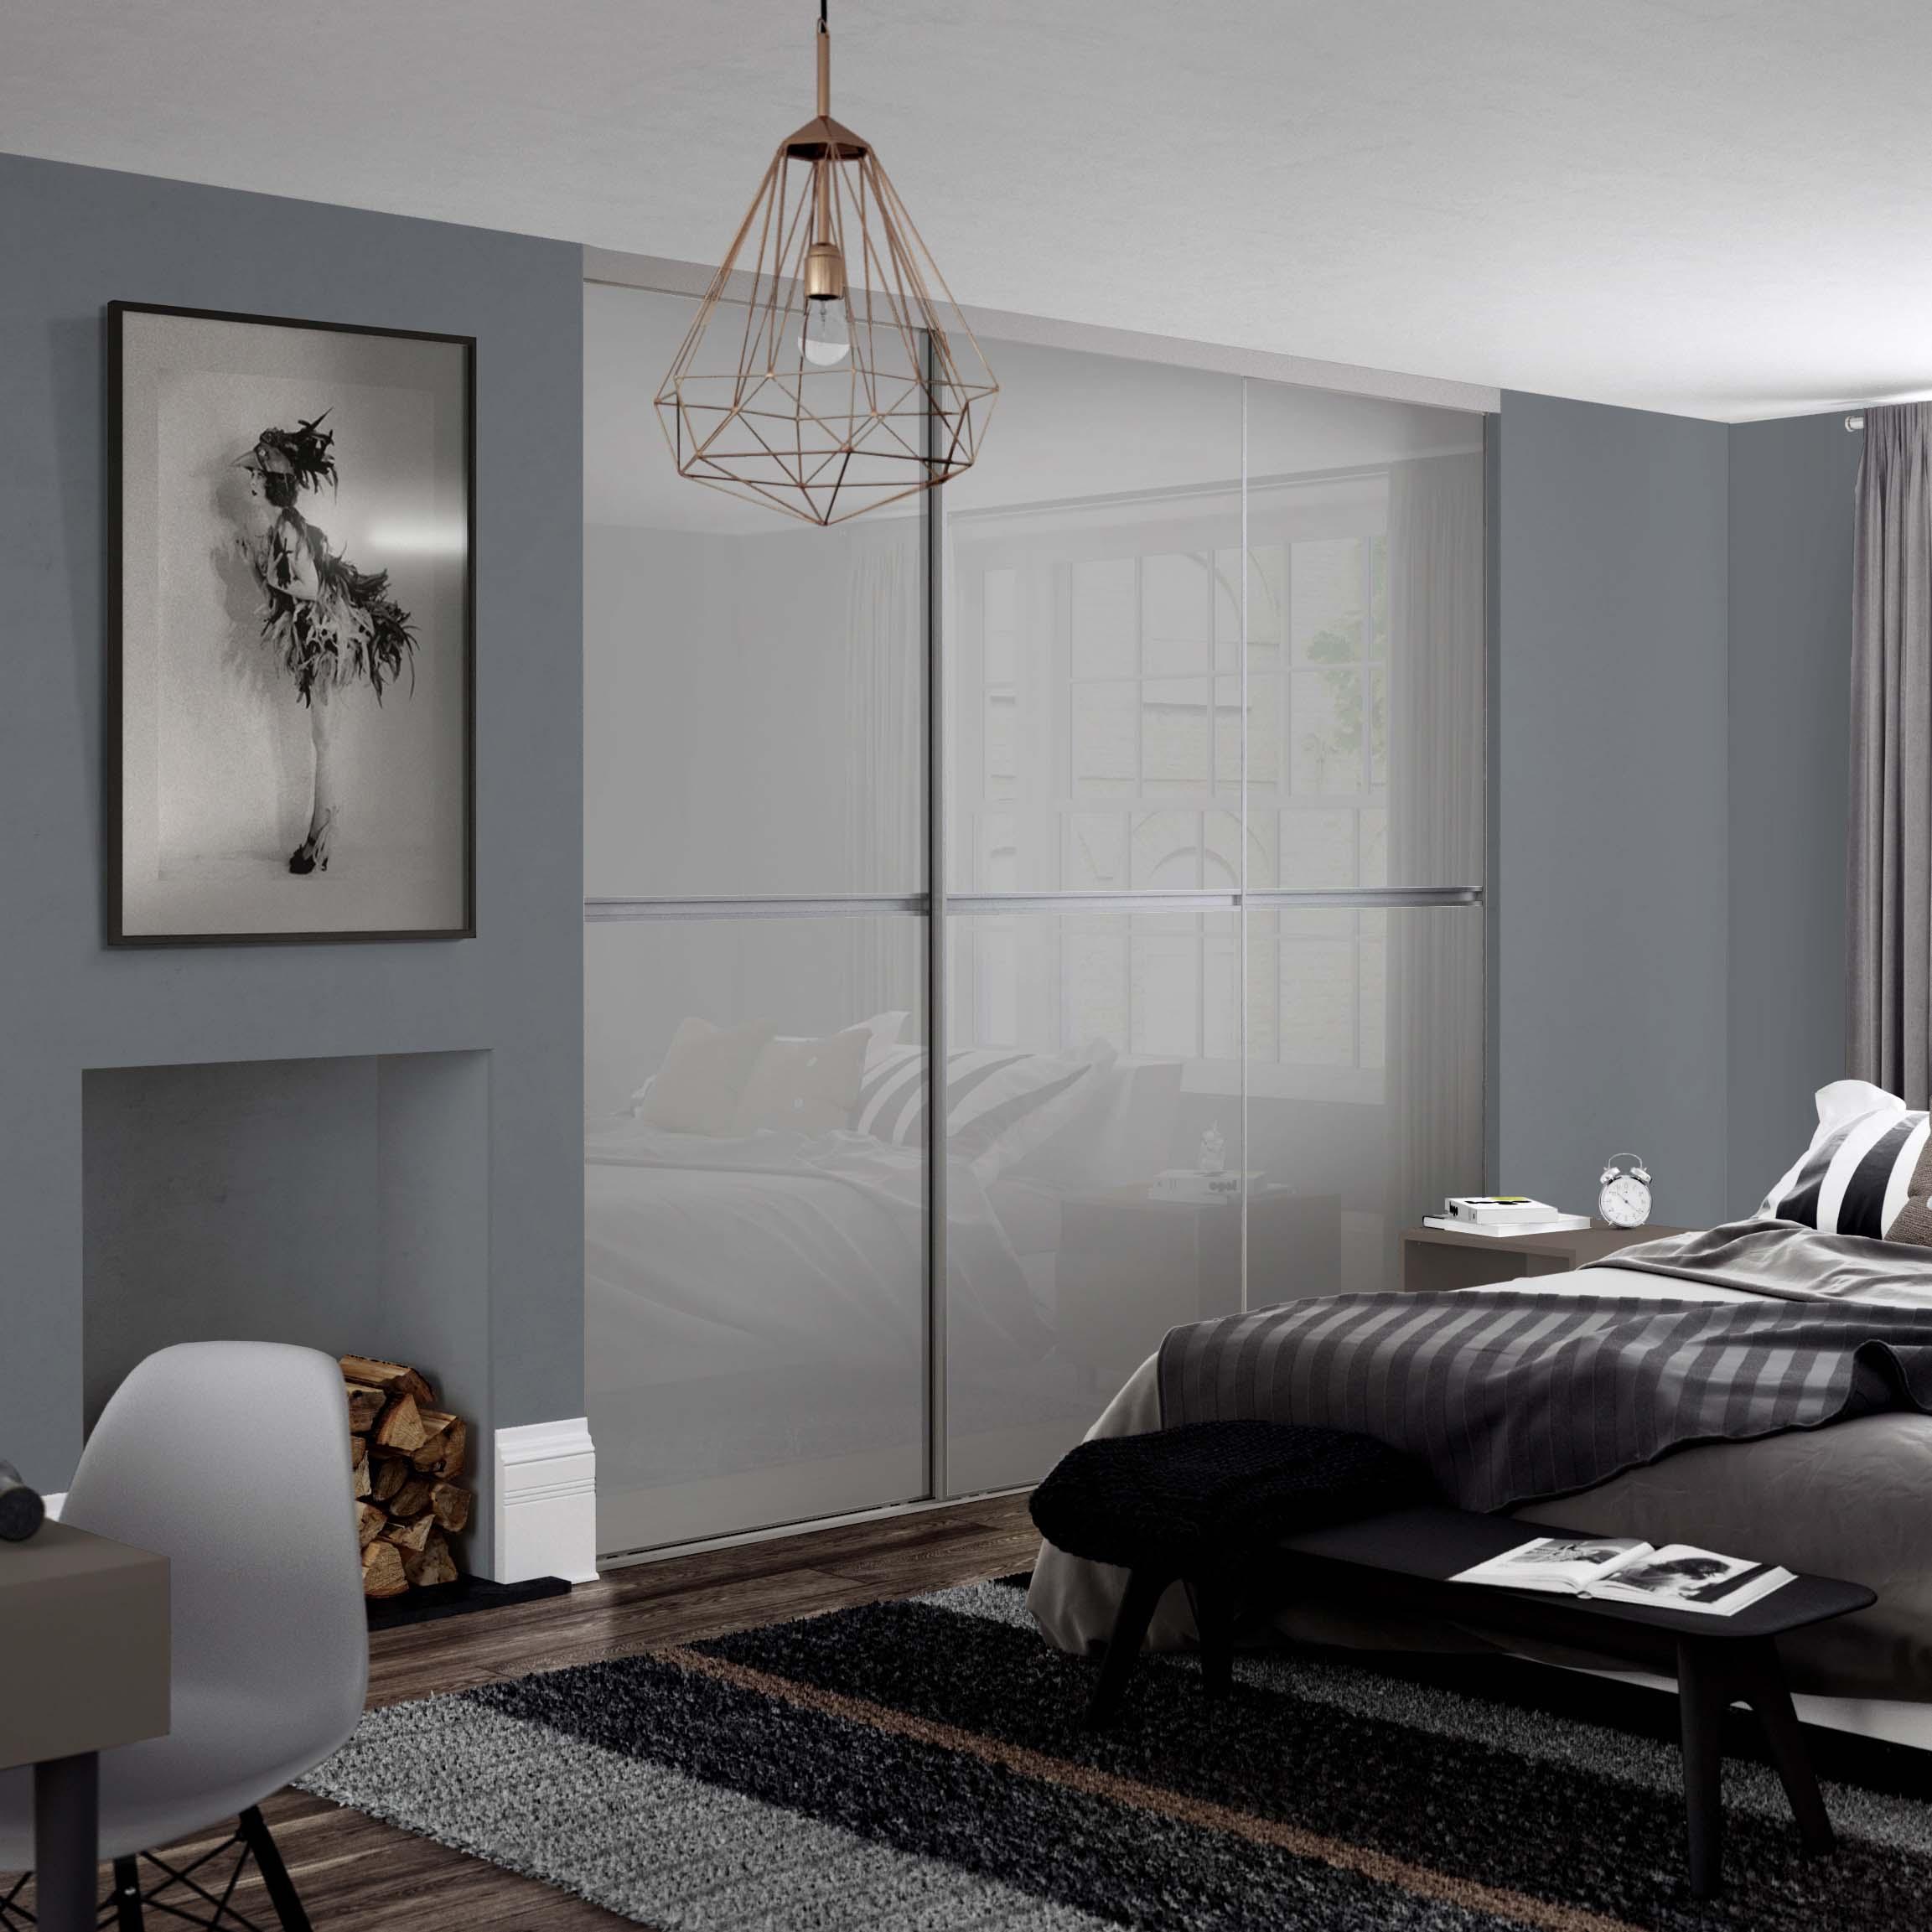 home decor sliding wardrobe world luxury lighting   Minimalist Sliding Wardrobe Doors   Sliding Wardrobe World™